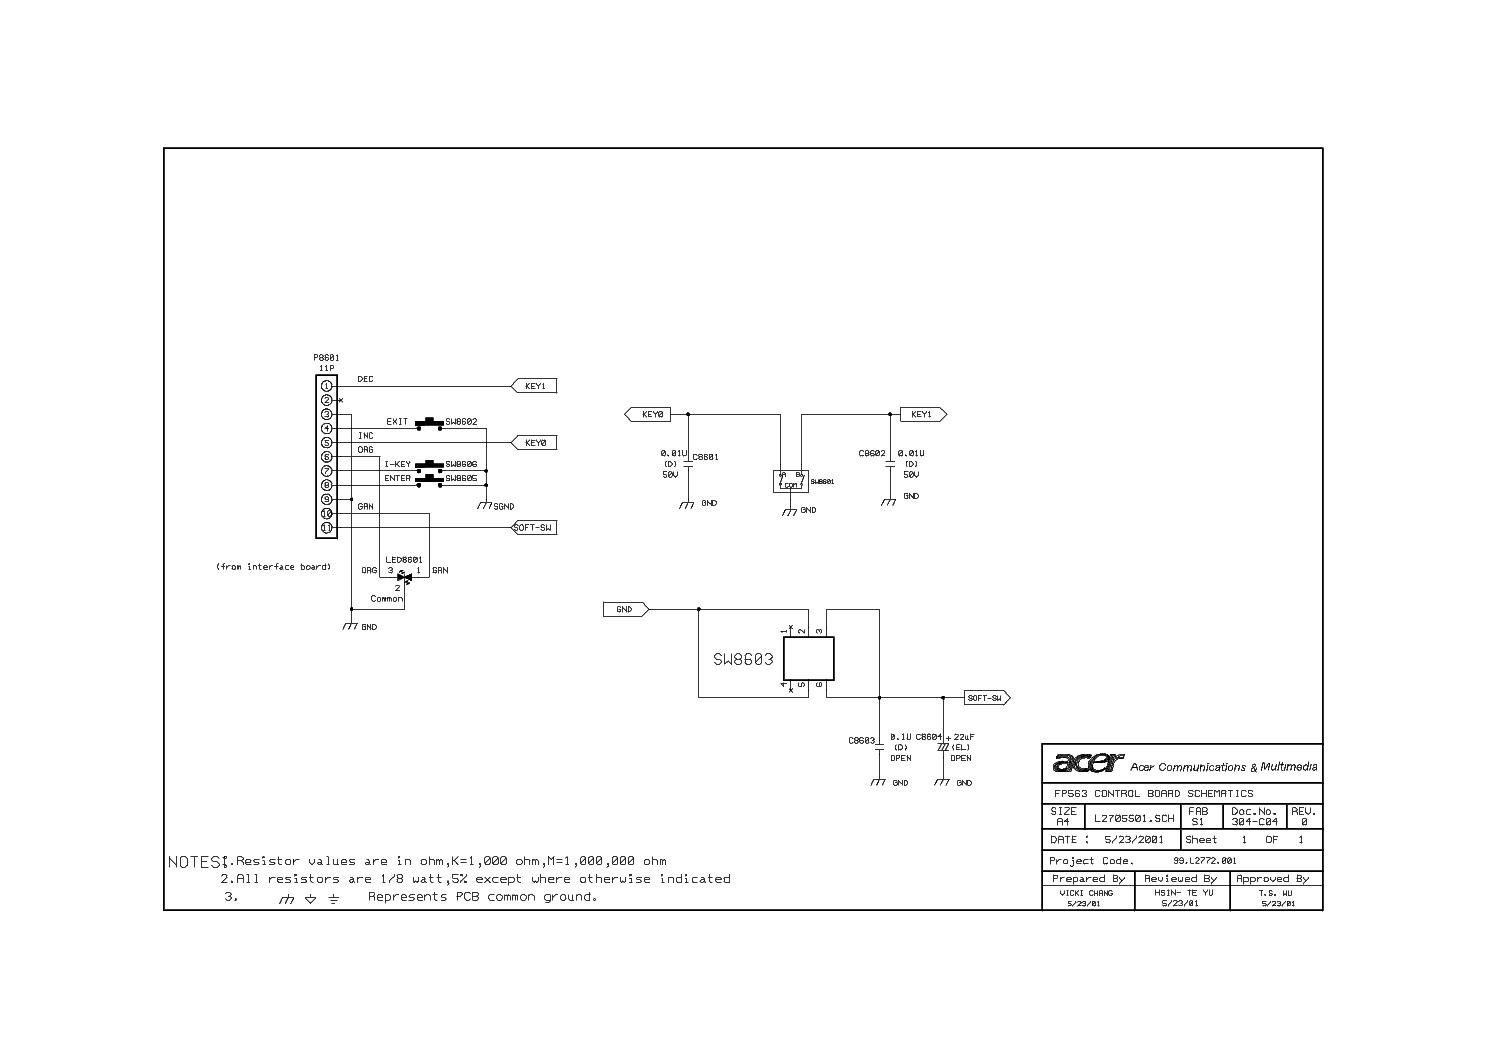 ACER FP563 64BIT DRIVER DOWNLOAD